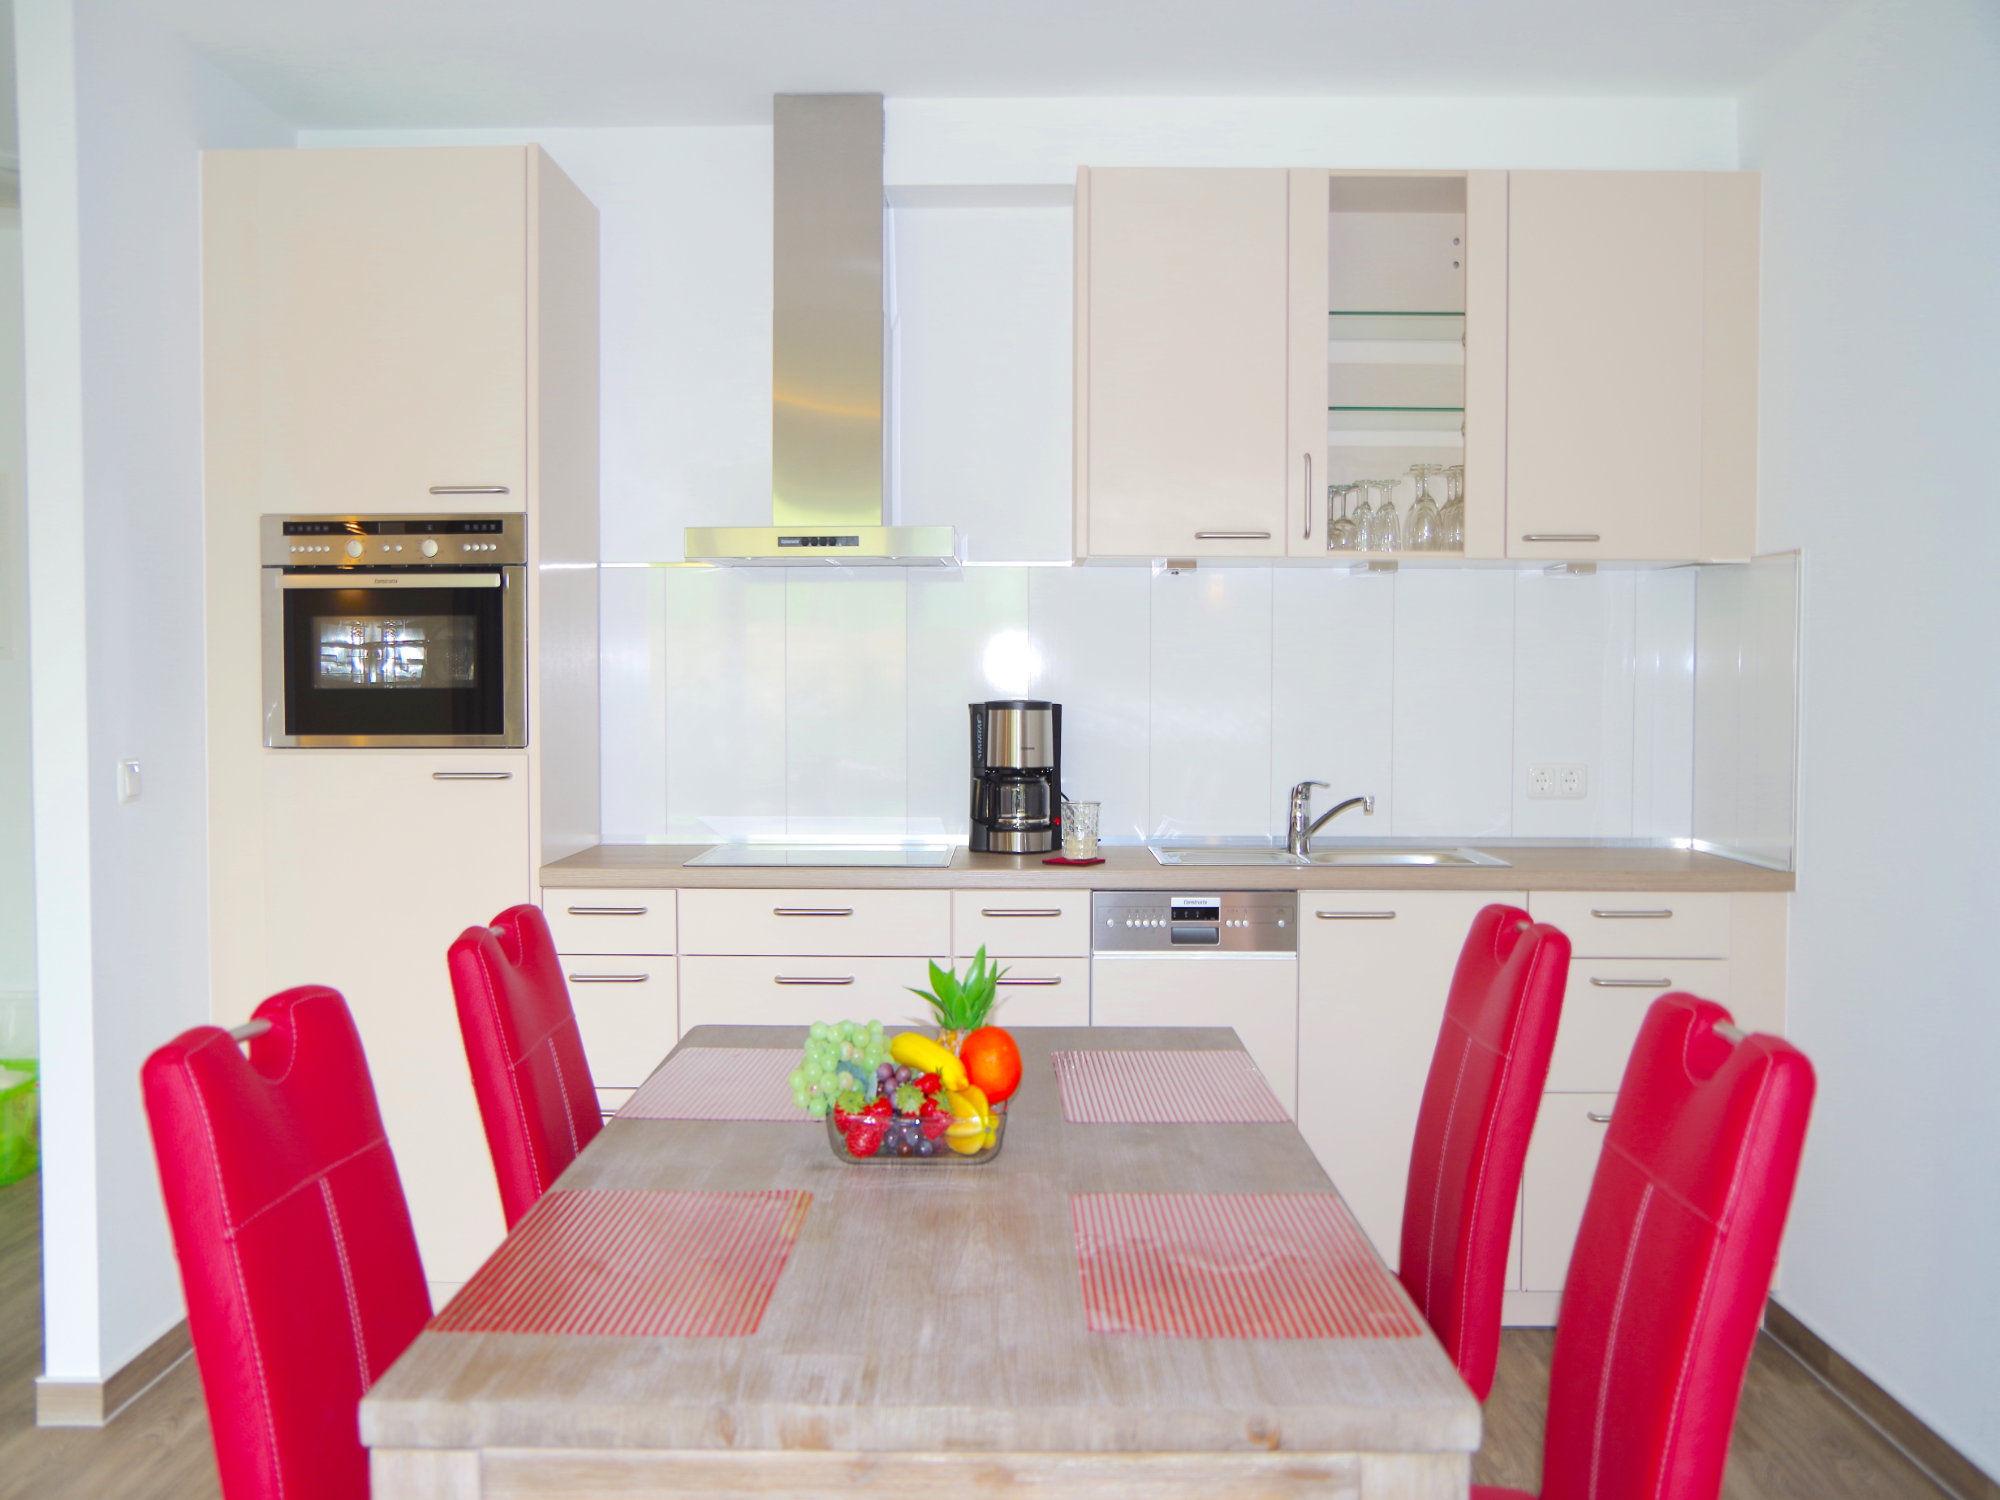 Esstisch mit vier Stühlen, dahinter eine moderne Küchenzeile mit elektrischen Geräten